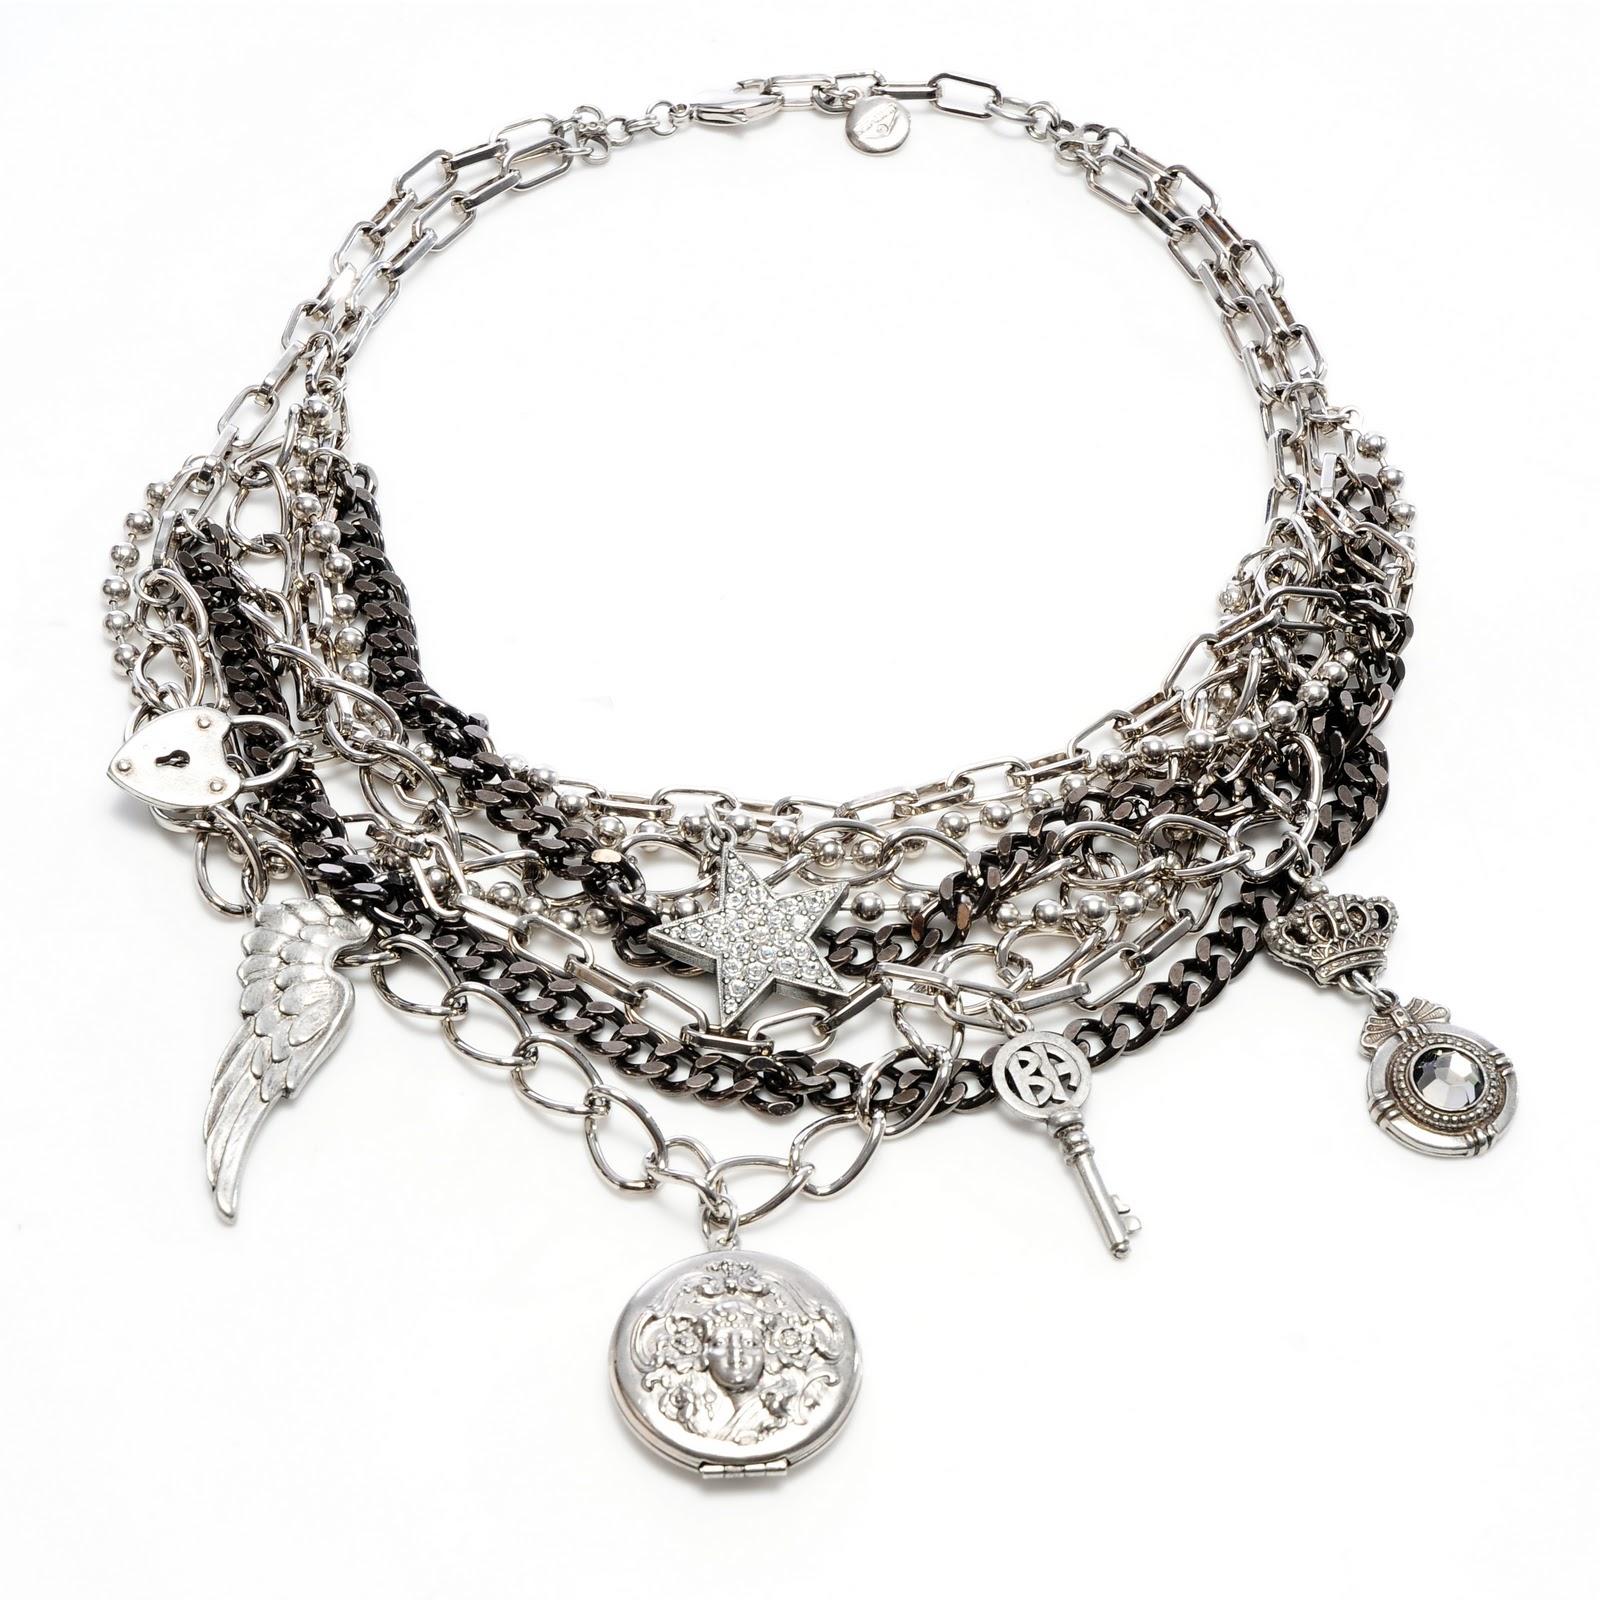 http://2.bp.blogspot.com/-WWkfA7WasJY/TbSDsVk_hUI/AAAAAAAADSM/9F5F2Pte16E/s1600/rockstar+layered+necklace.JPG